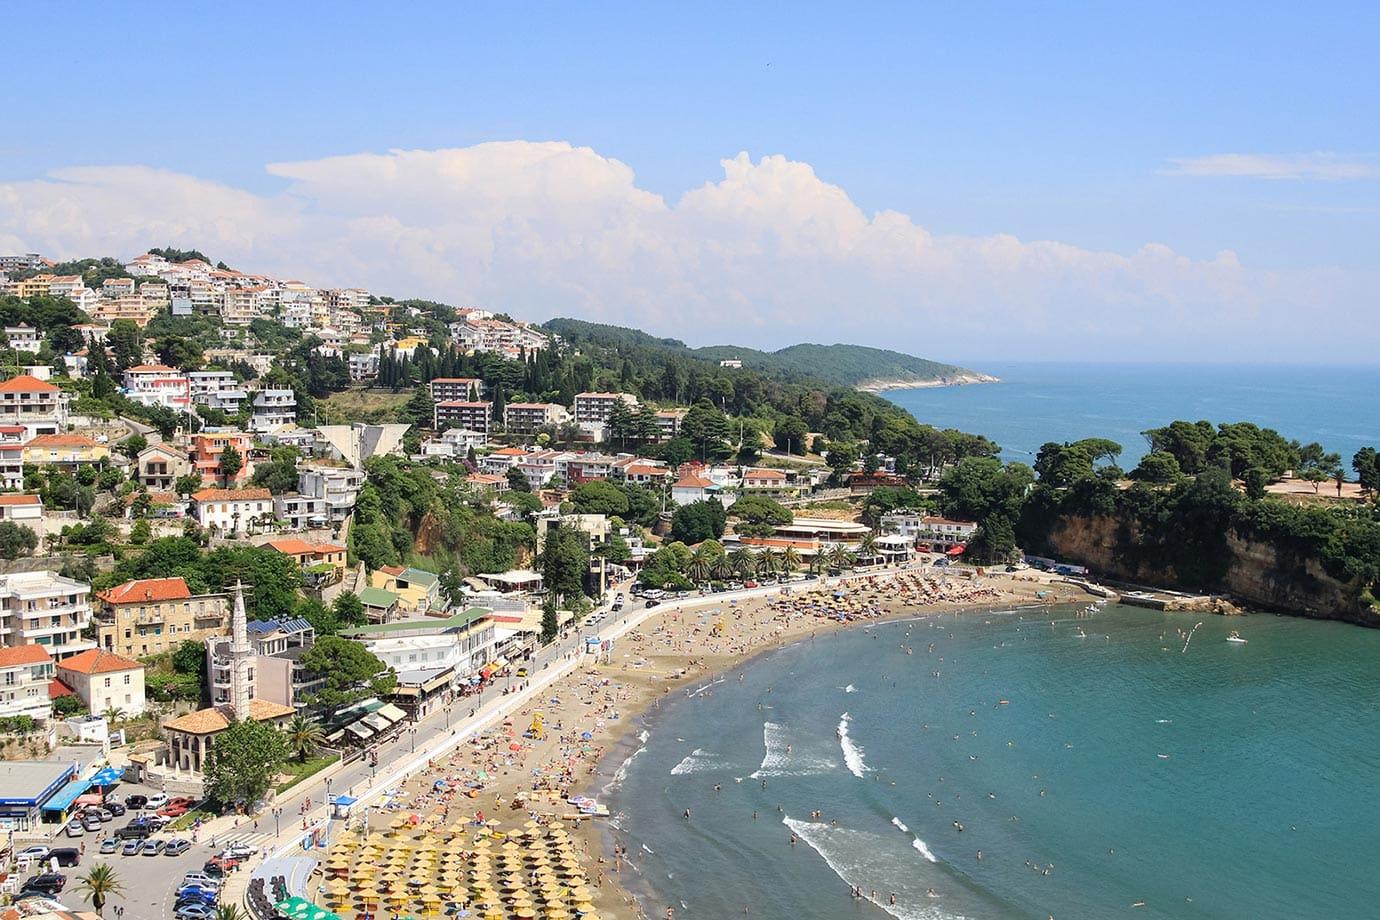 croatia or montenegro beaches